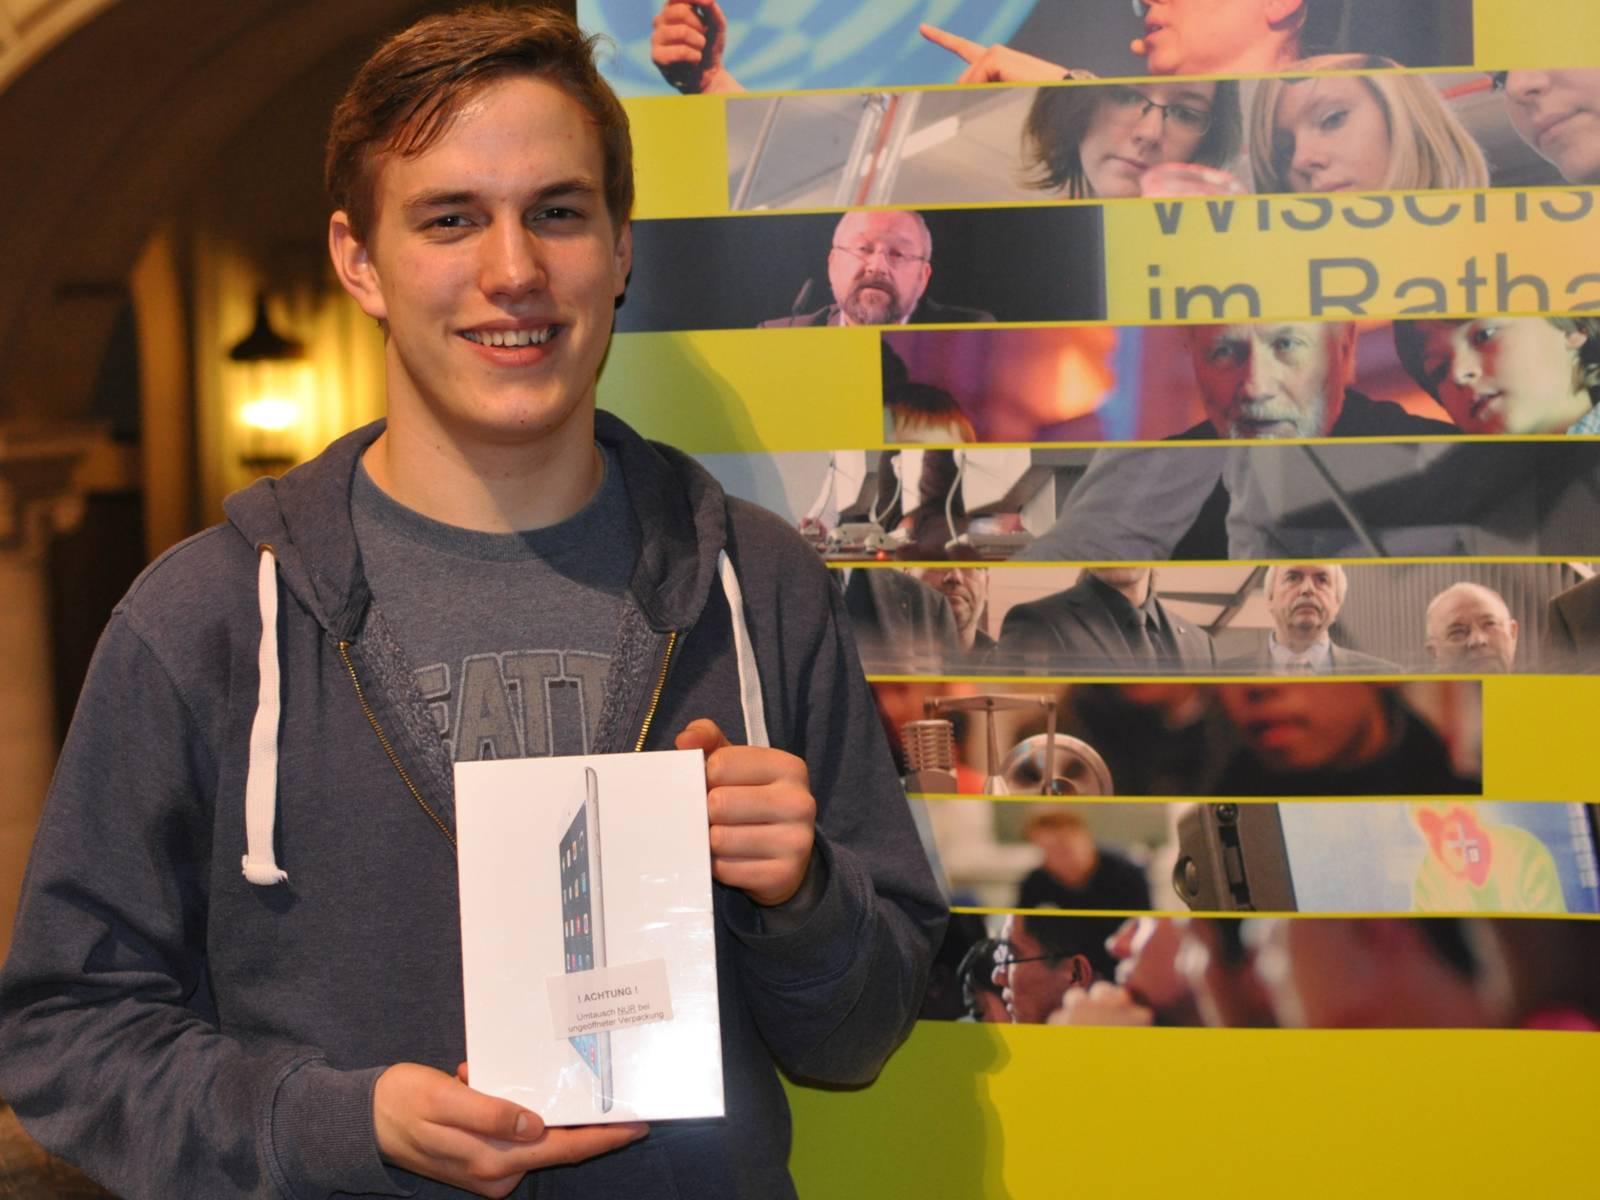 Ein junger Mann, der ein Paket in den Händen hält